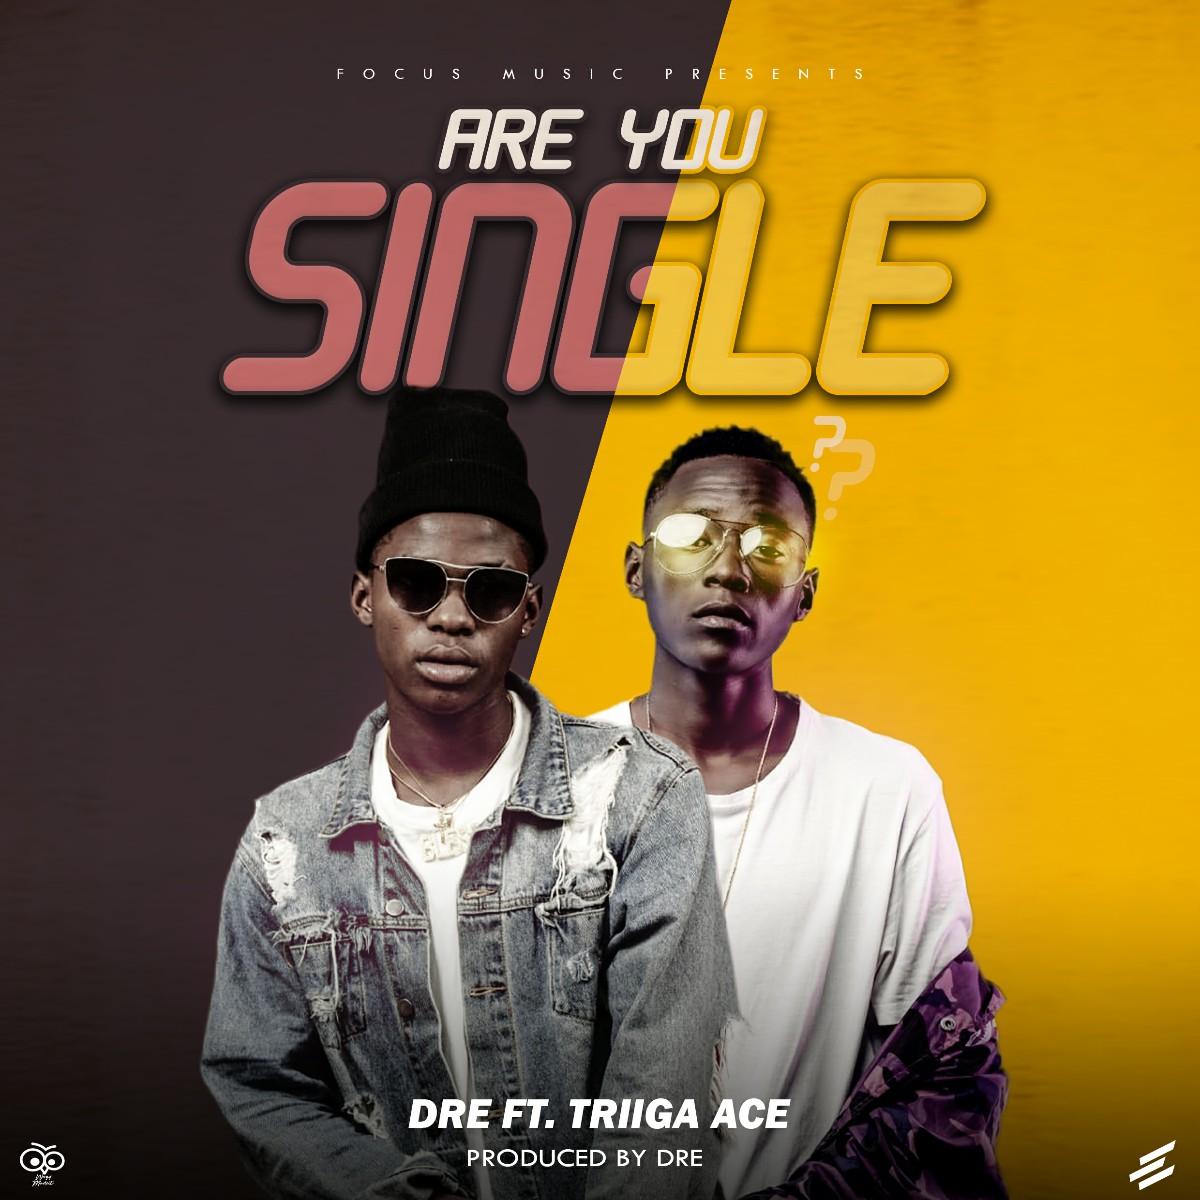 Dre ft. Triiga Ace - Are You Single